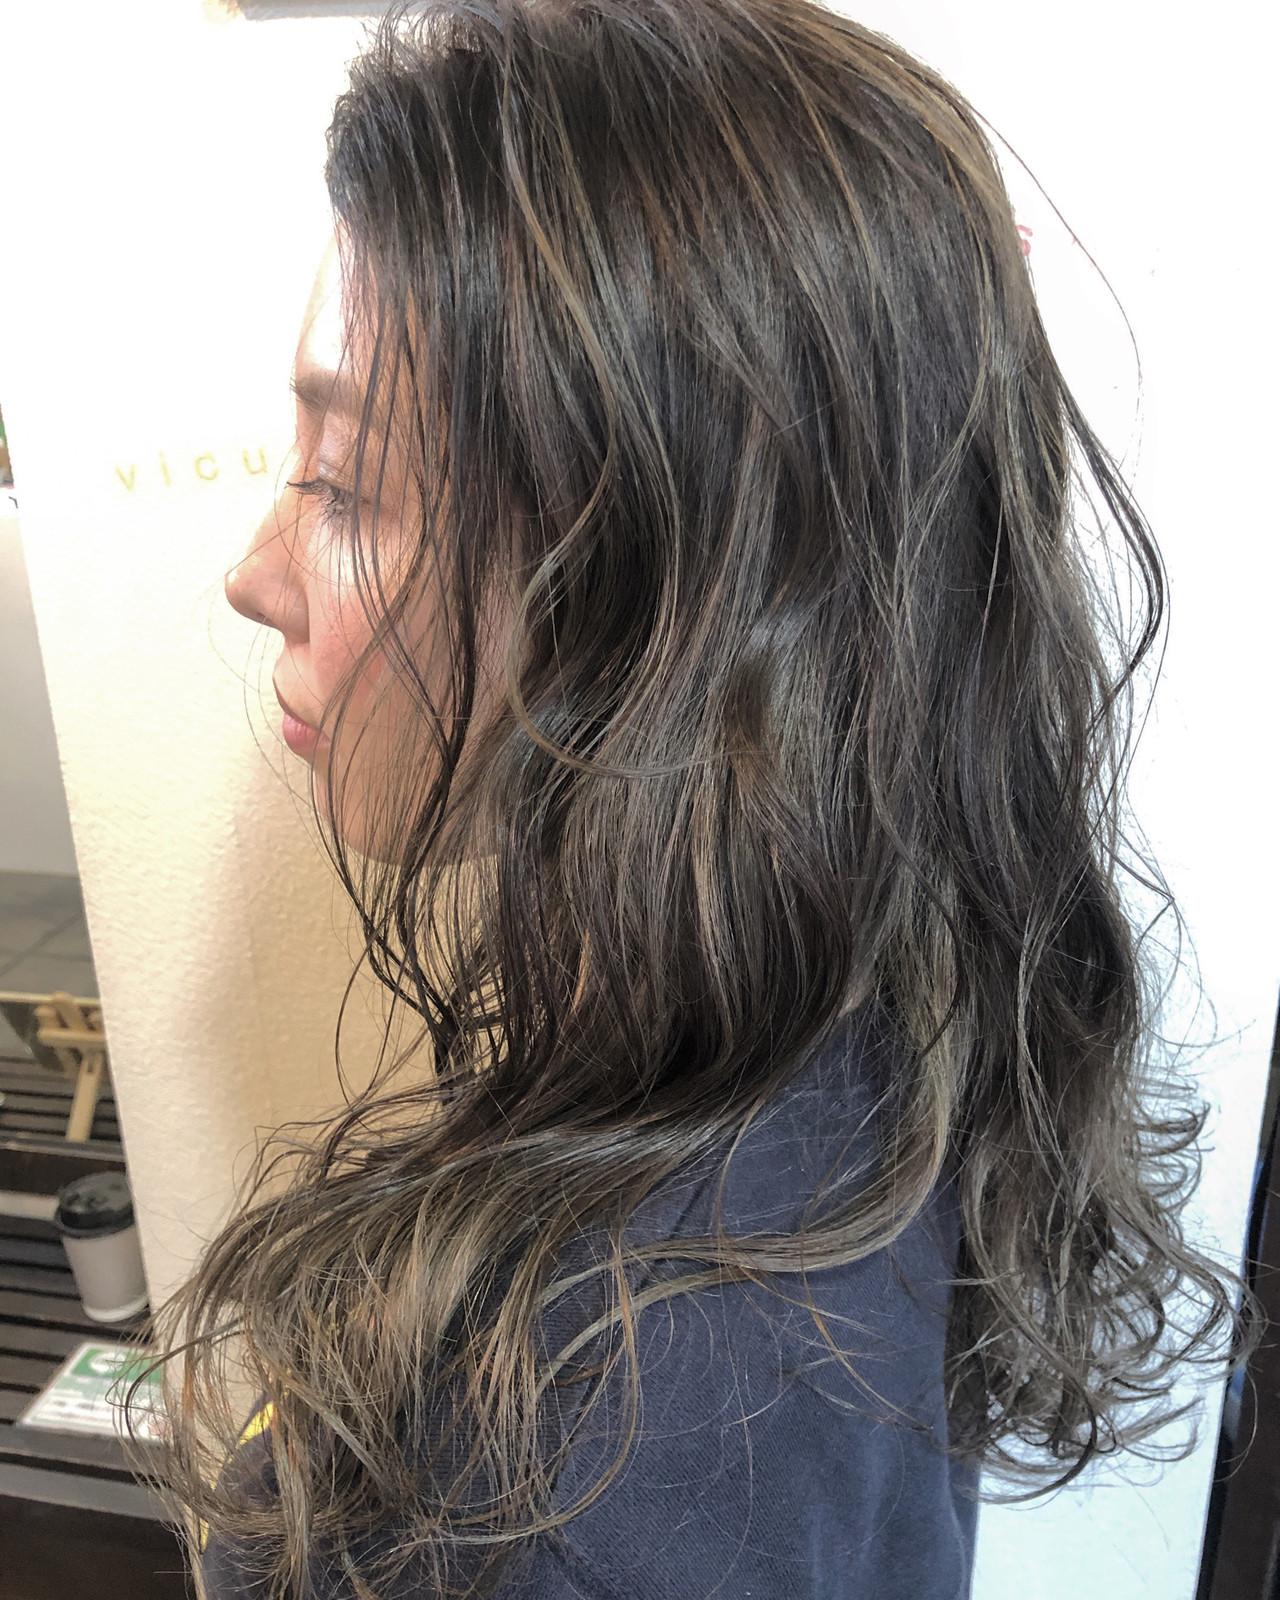 ロング アンニュイほつれヘア ハイライト 外国人風カラー ヘアスタイルや髪型の写真・画像 | 田渕 英和/vicushair / vicushair